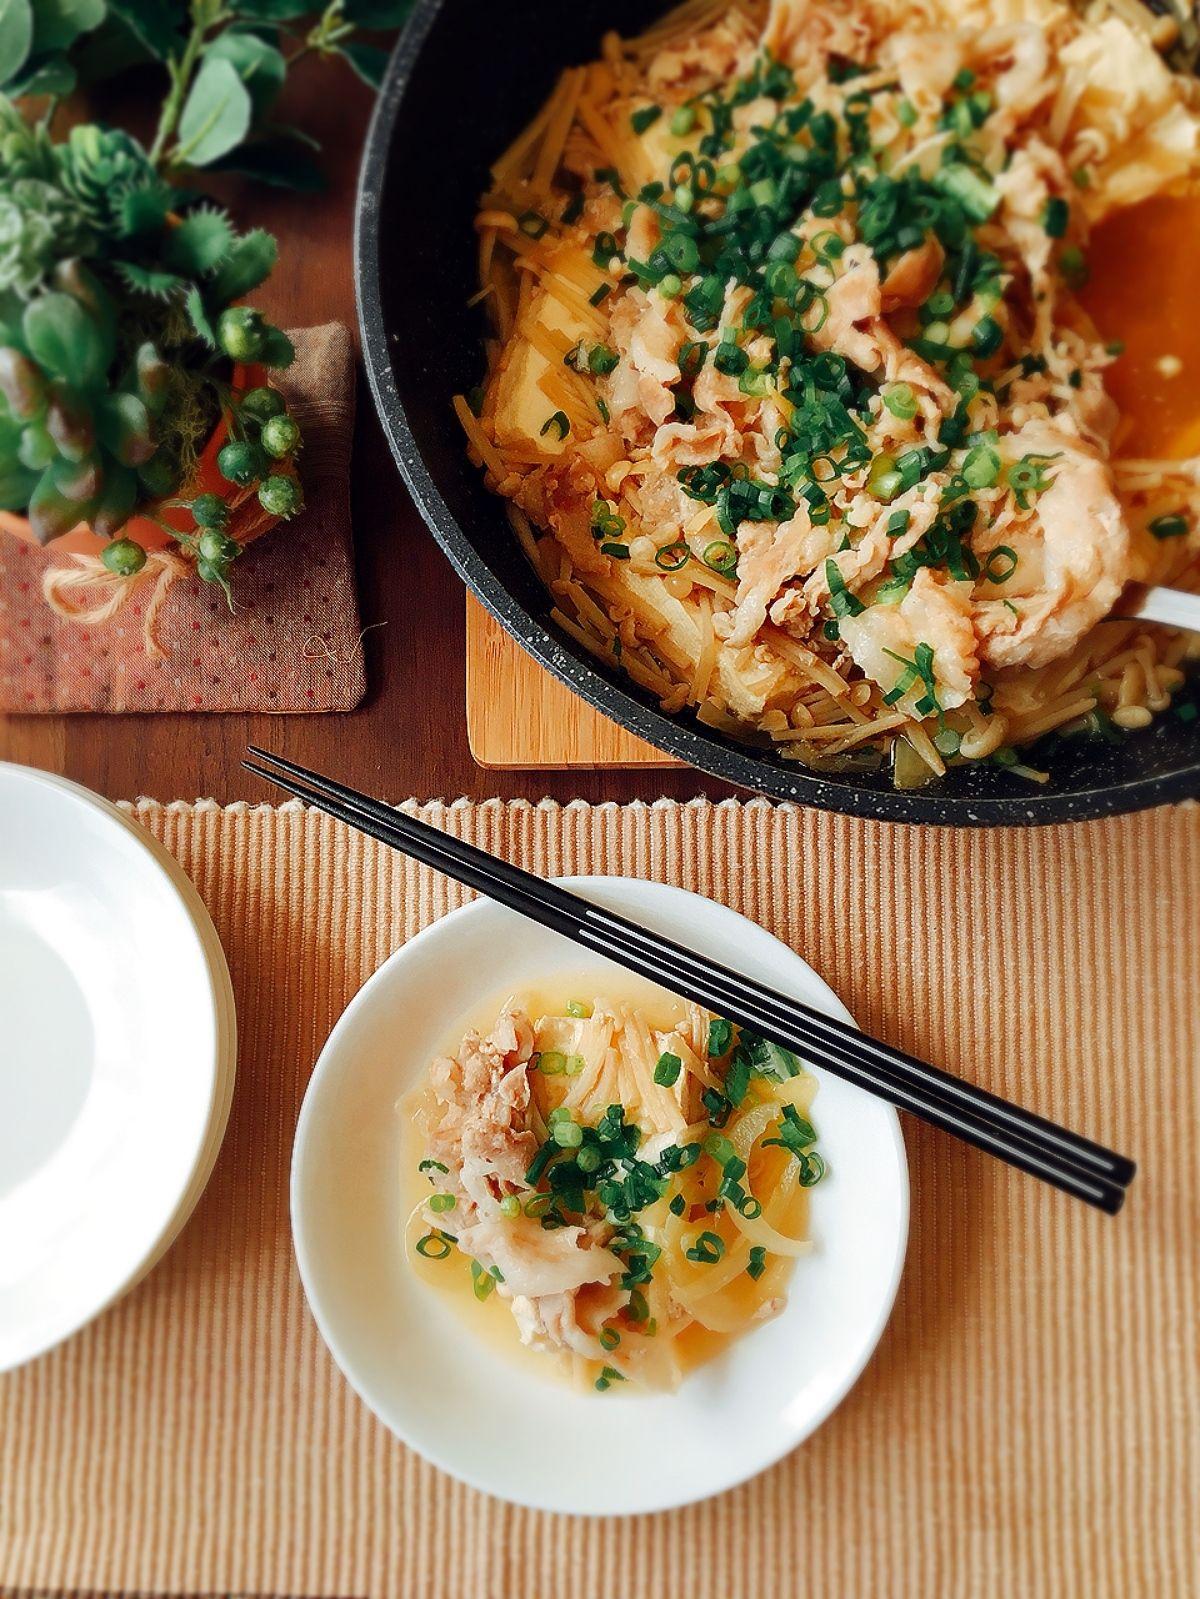 夕飯 簡単 簡単手抜き夕飯レシピ9選 すぐできるけどうまい晩御飯が作れる料理本も